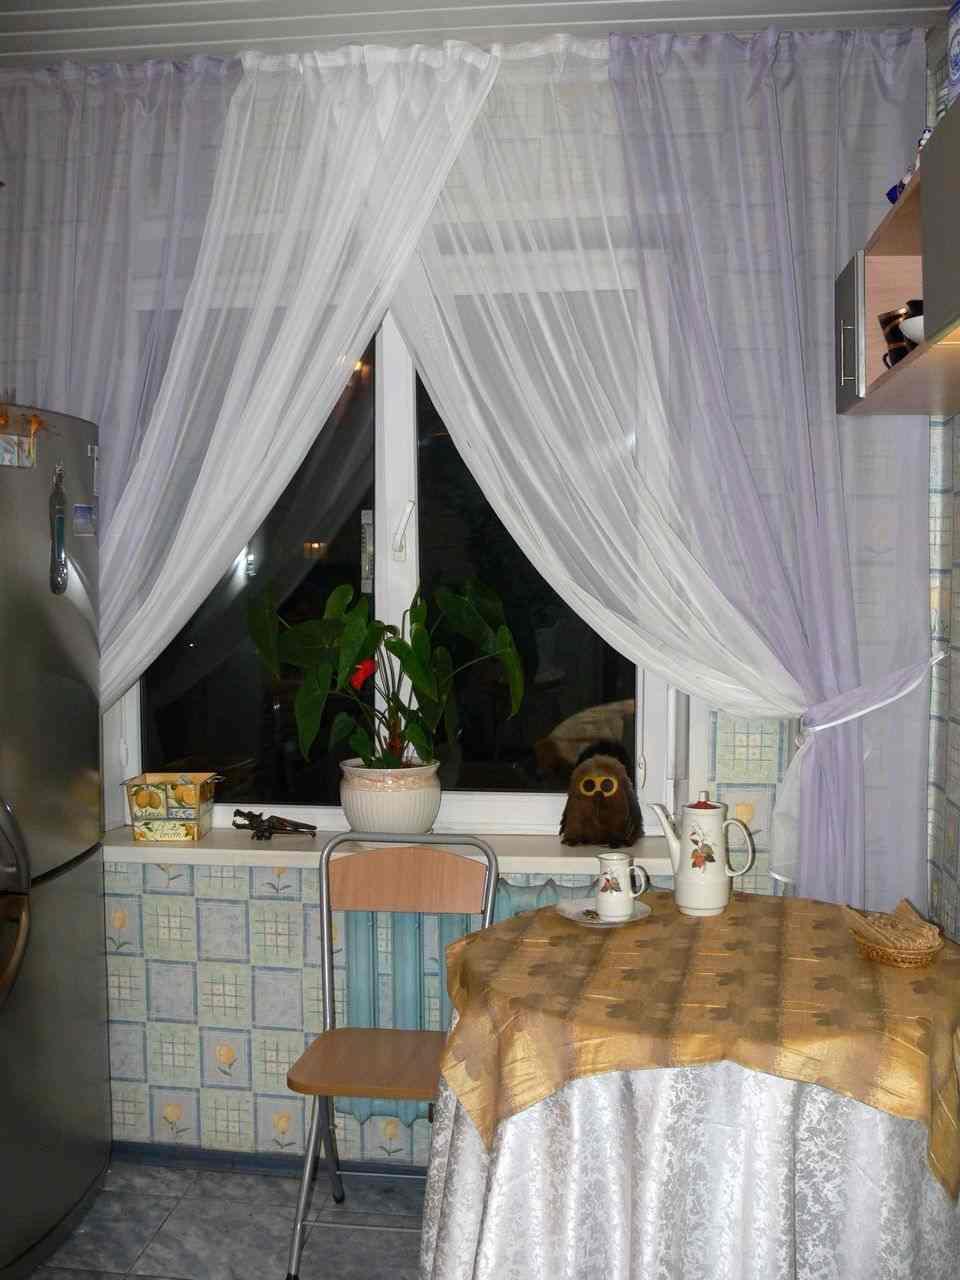 Шторы из вуали обеспечивают хорошее освещение, что положительно влияет на размеры комнаты